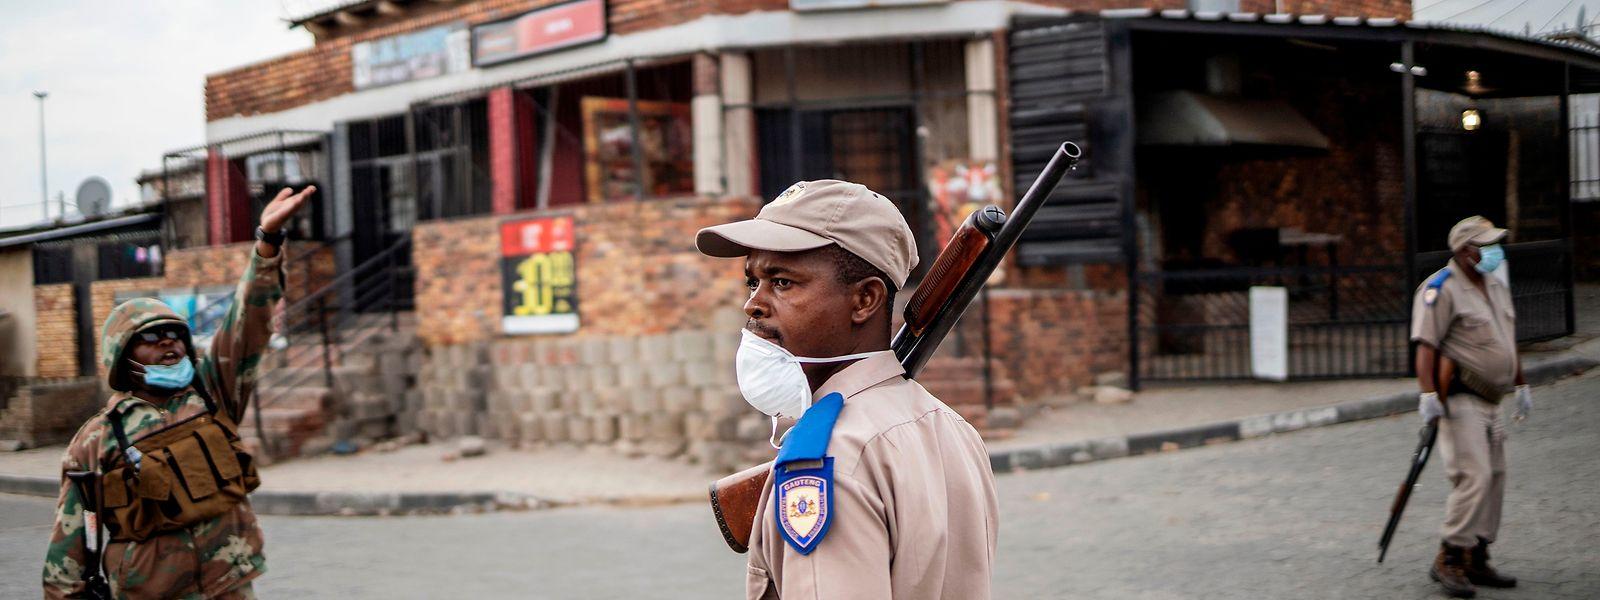 Das Militär unterstützt die Polizei bei der Einhaltung der Ausgangssperre. Dabei kam es schon mehrmals zu tödlichen Zwischenfällen.